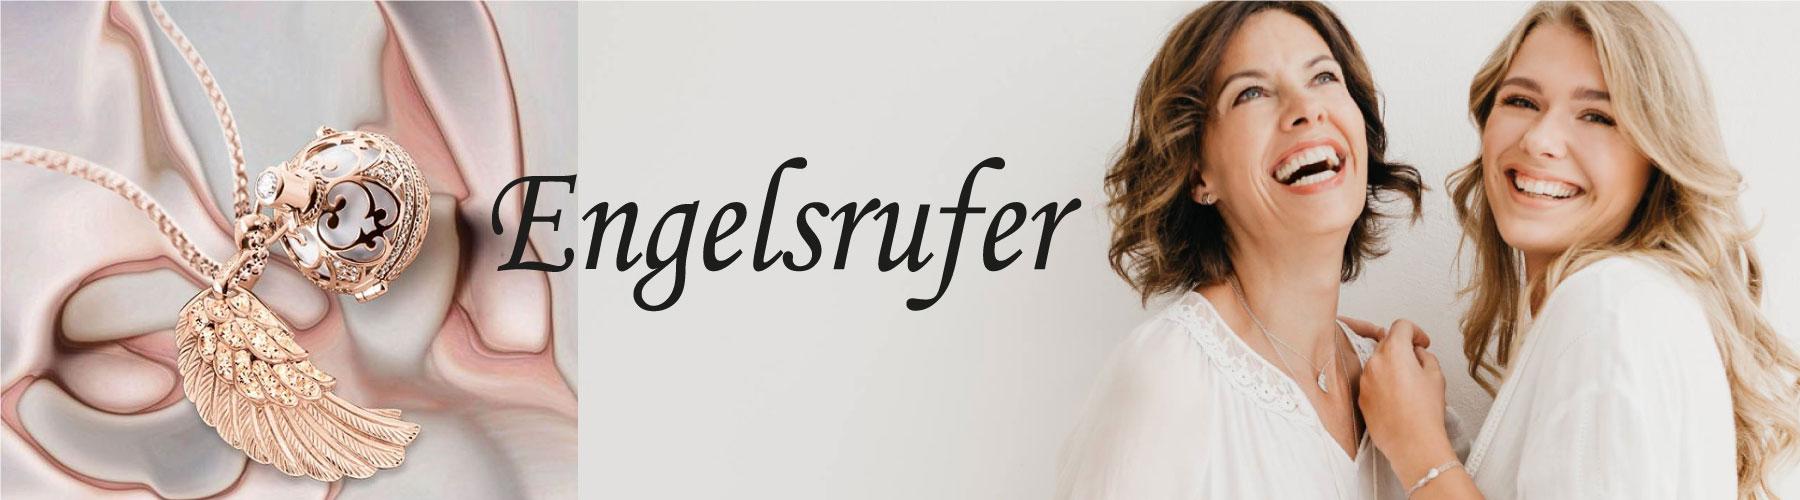 Engelsrufer-bijzondere-sieraden-met-speciale-betekenis-bij-Wolters-Juweliers-Coevorden-Emmen